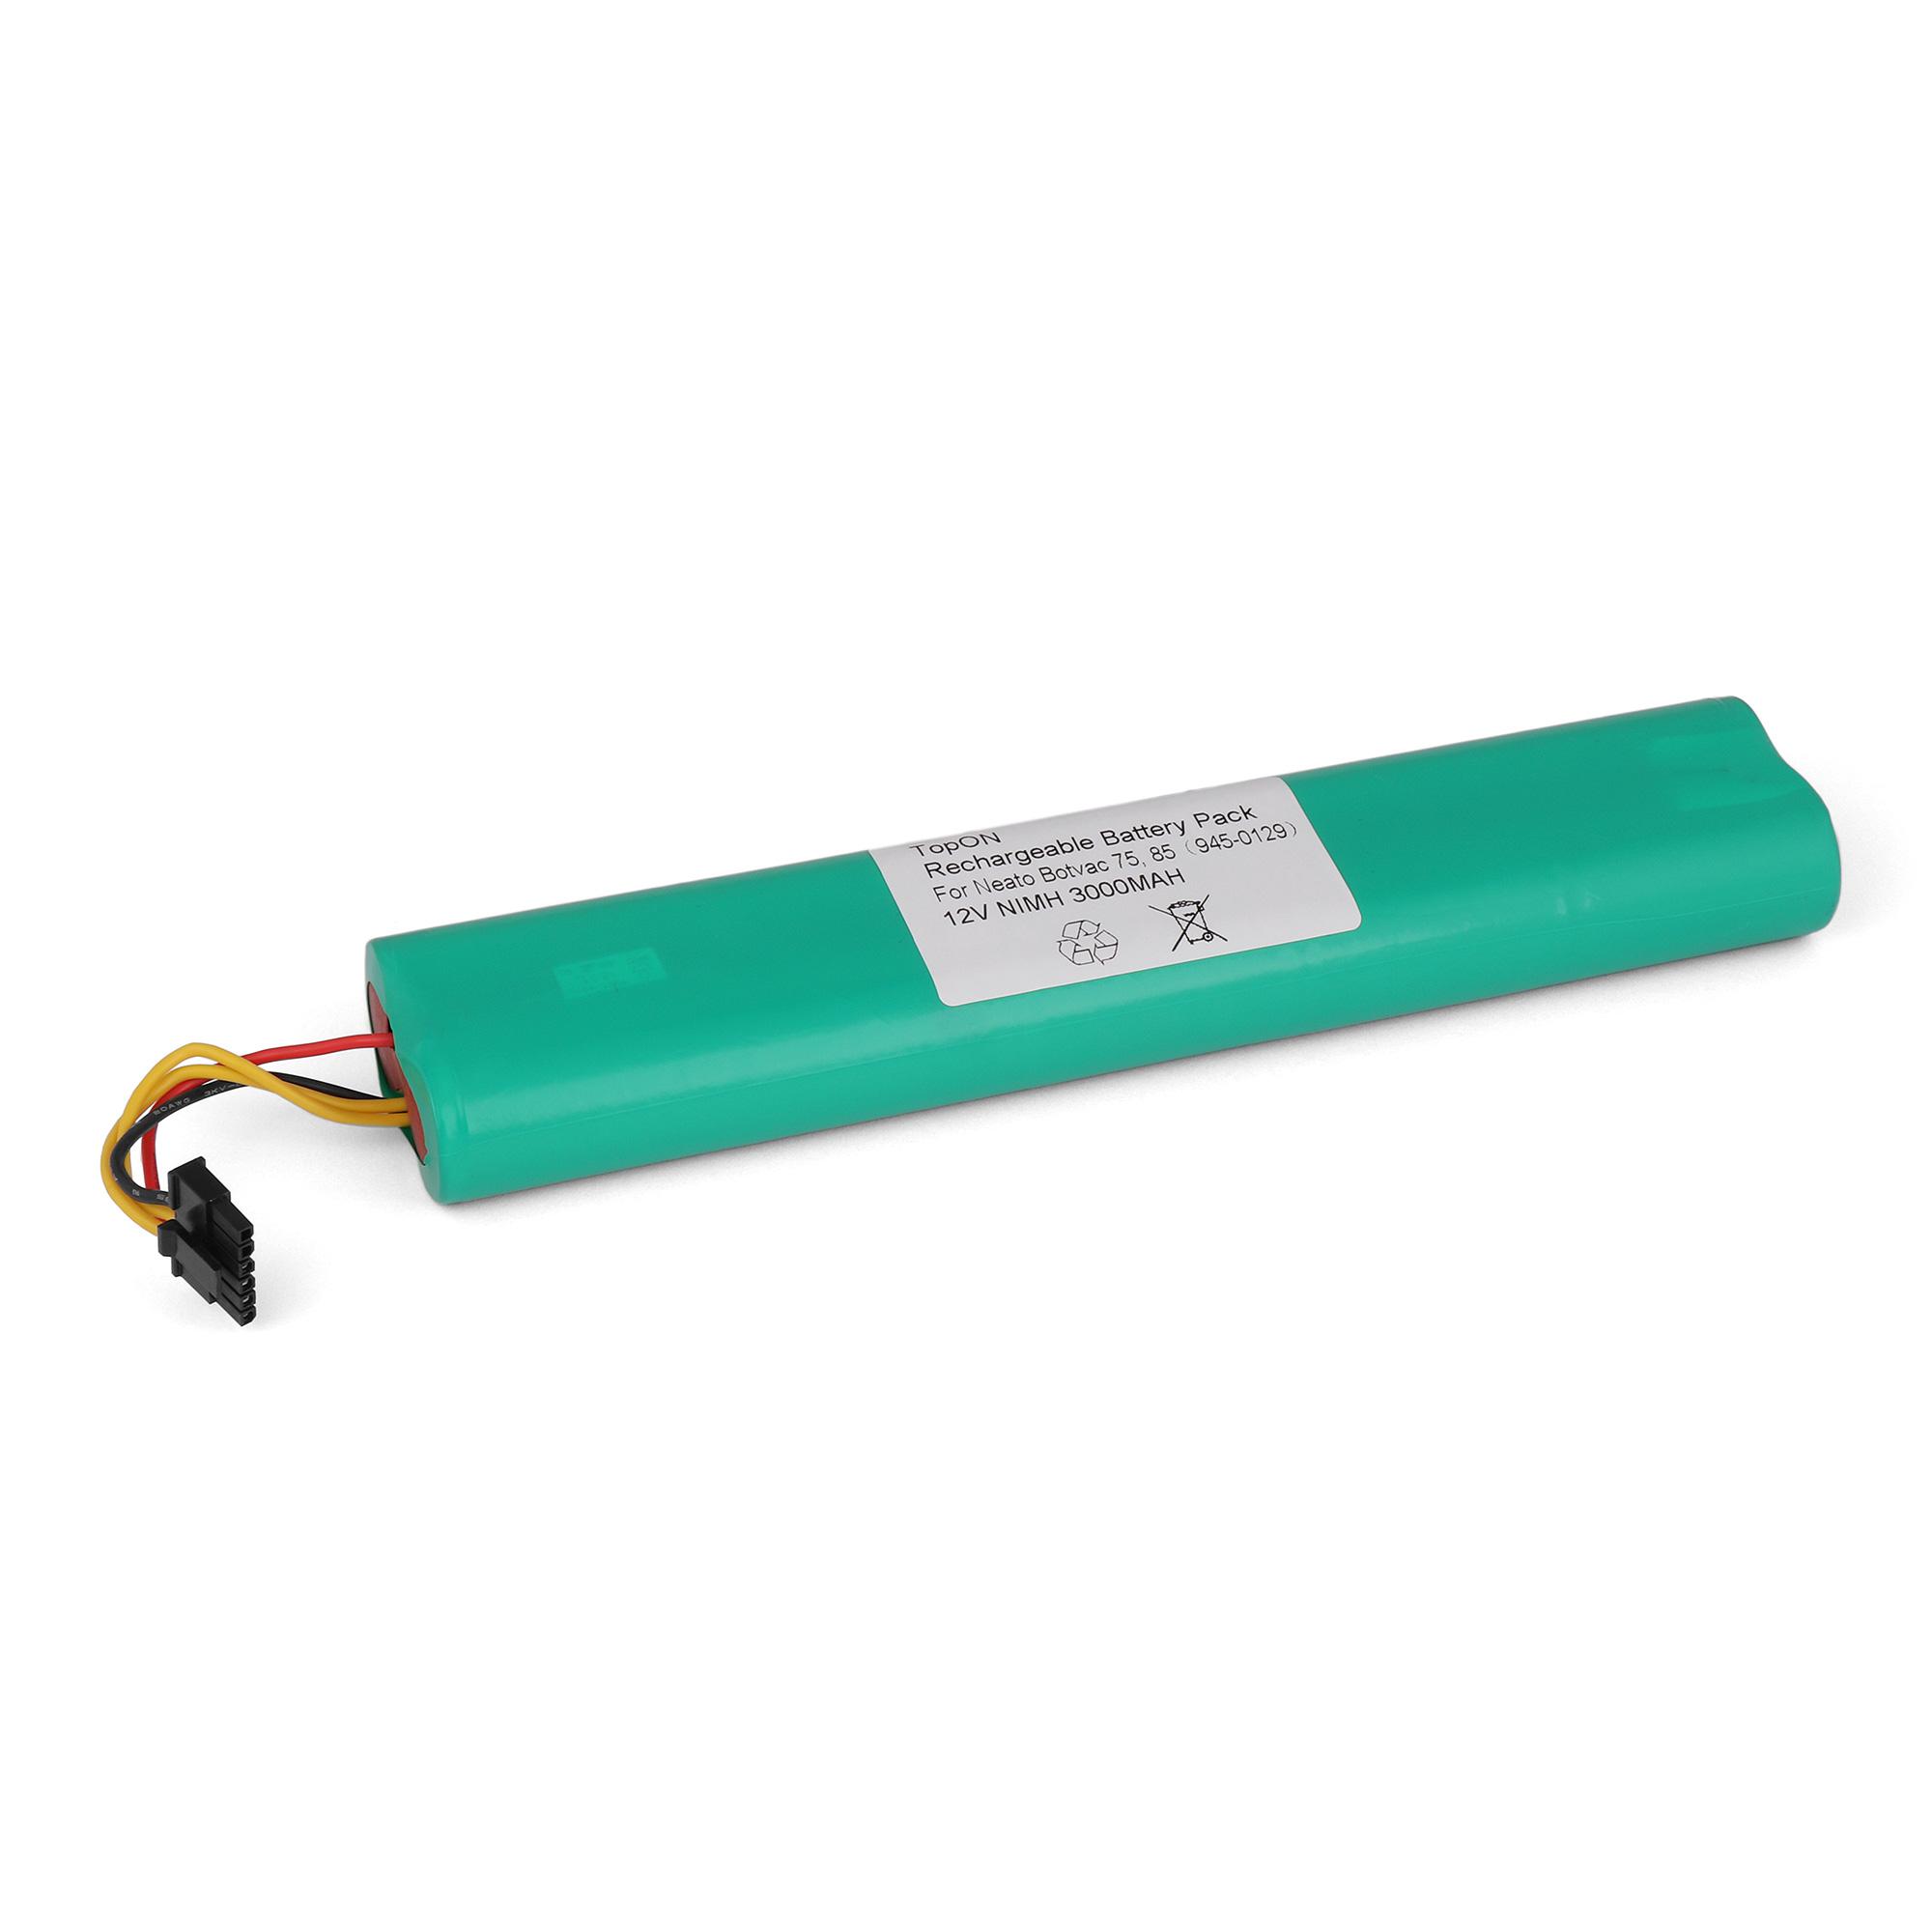 Аккумулятор, батарея для беспроводного робота-пылесоса Neato Botvac 70e, 75, 80, 85. 12V 3